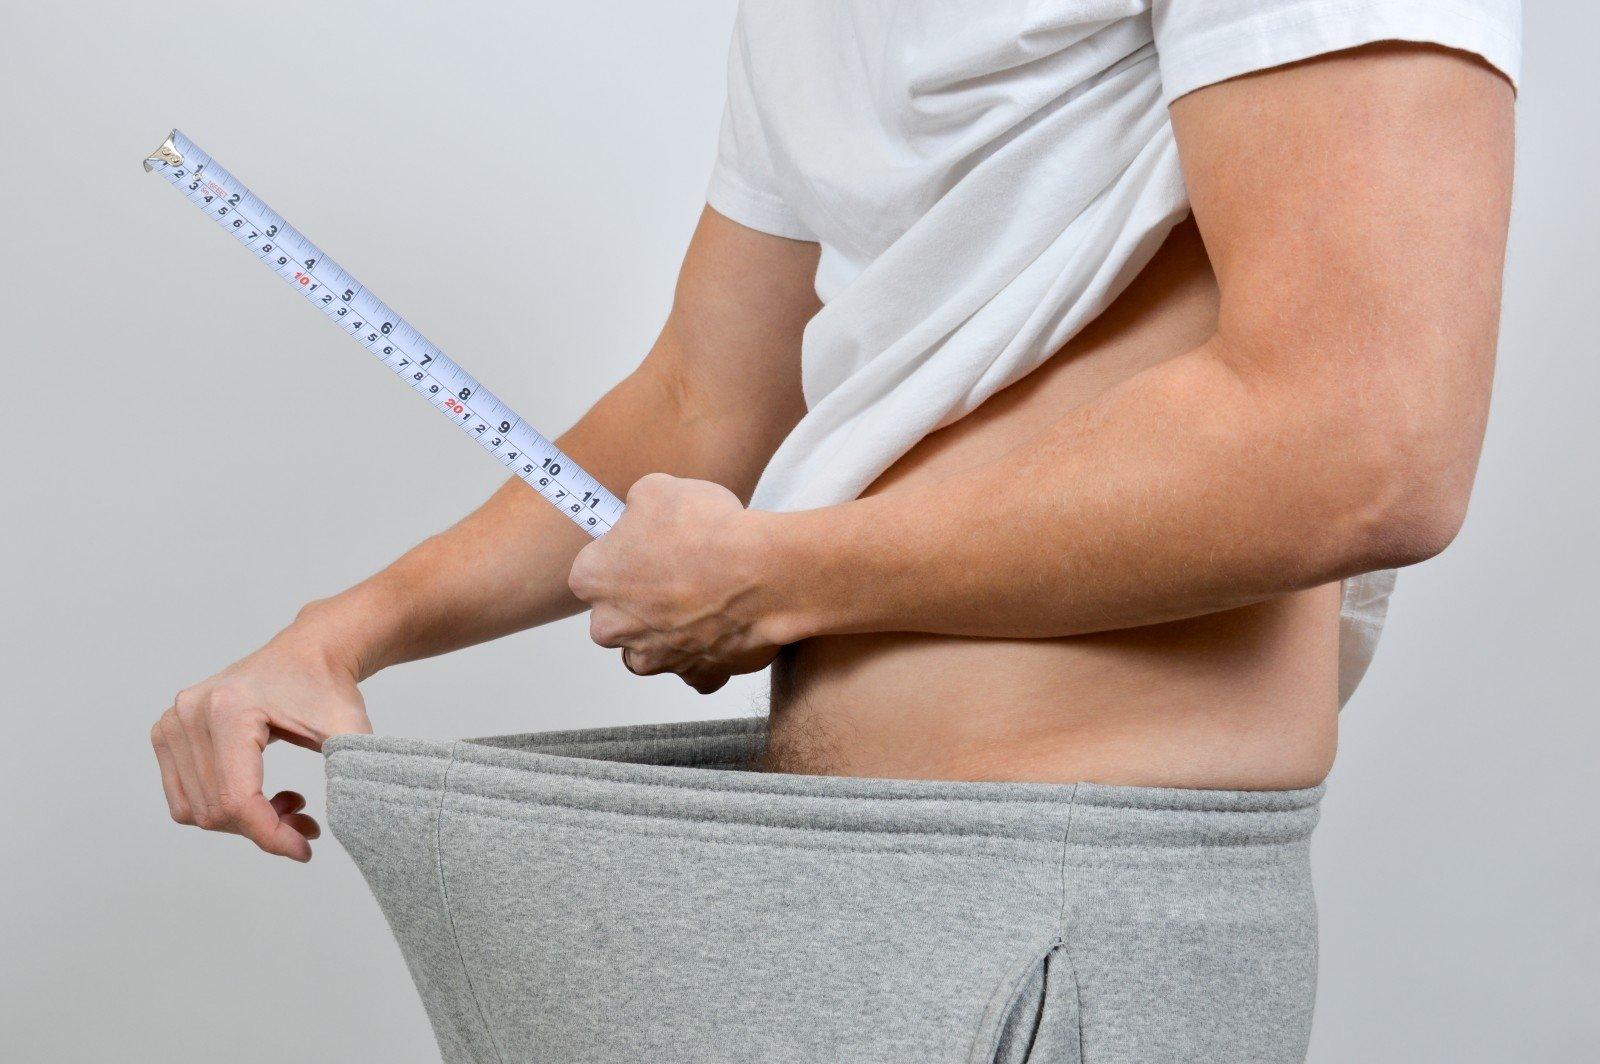 Kokie dydziai gali buti vyrai